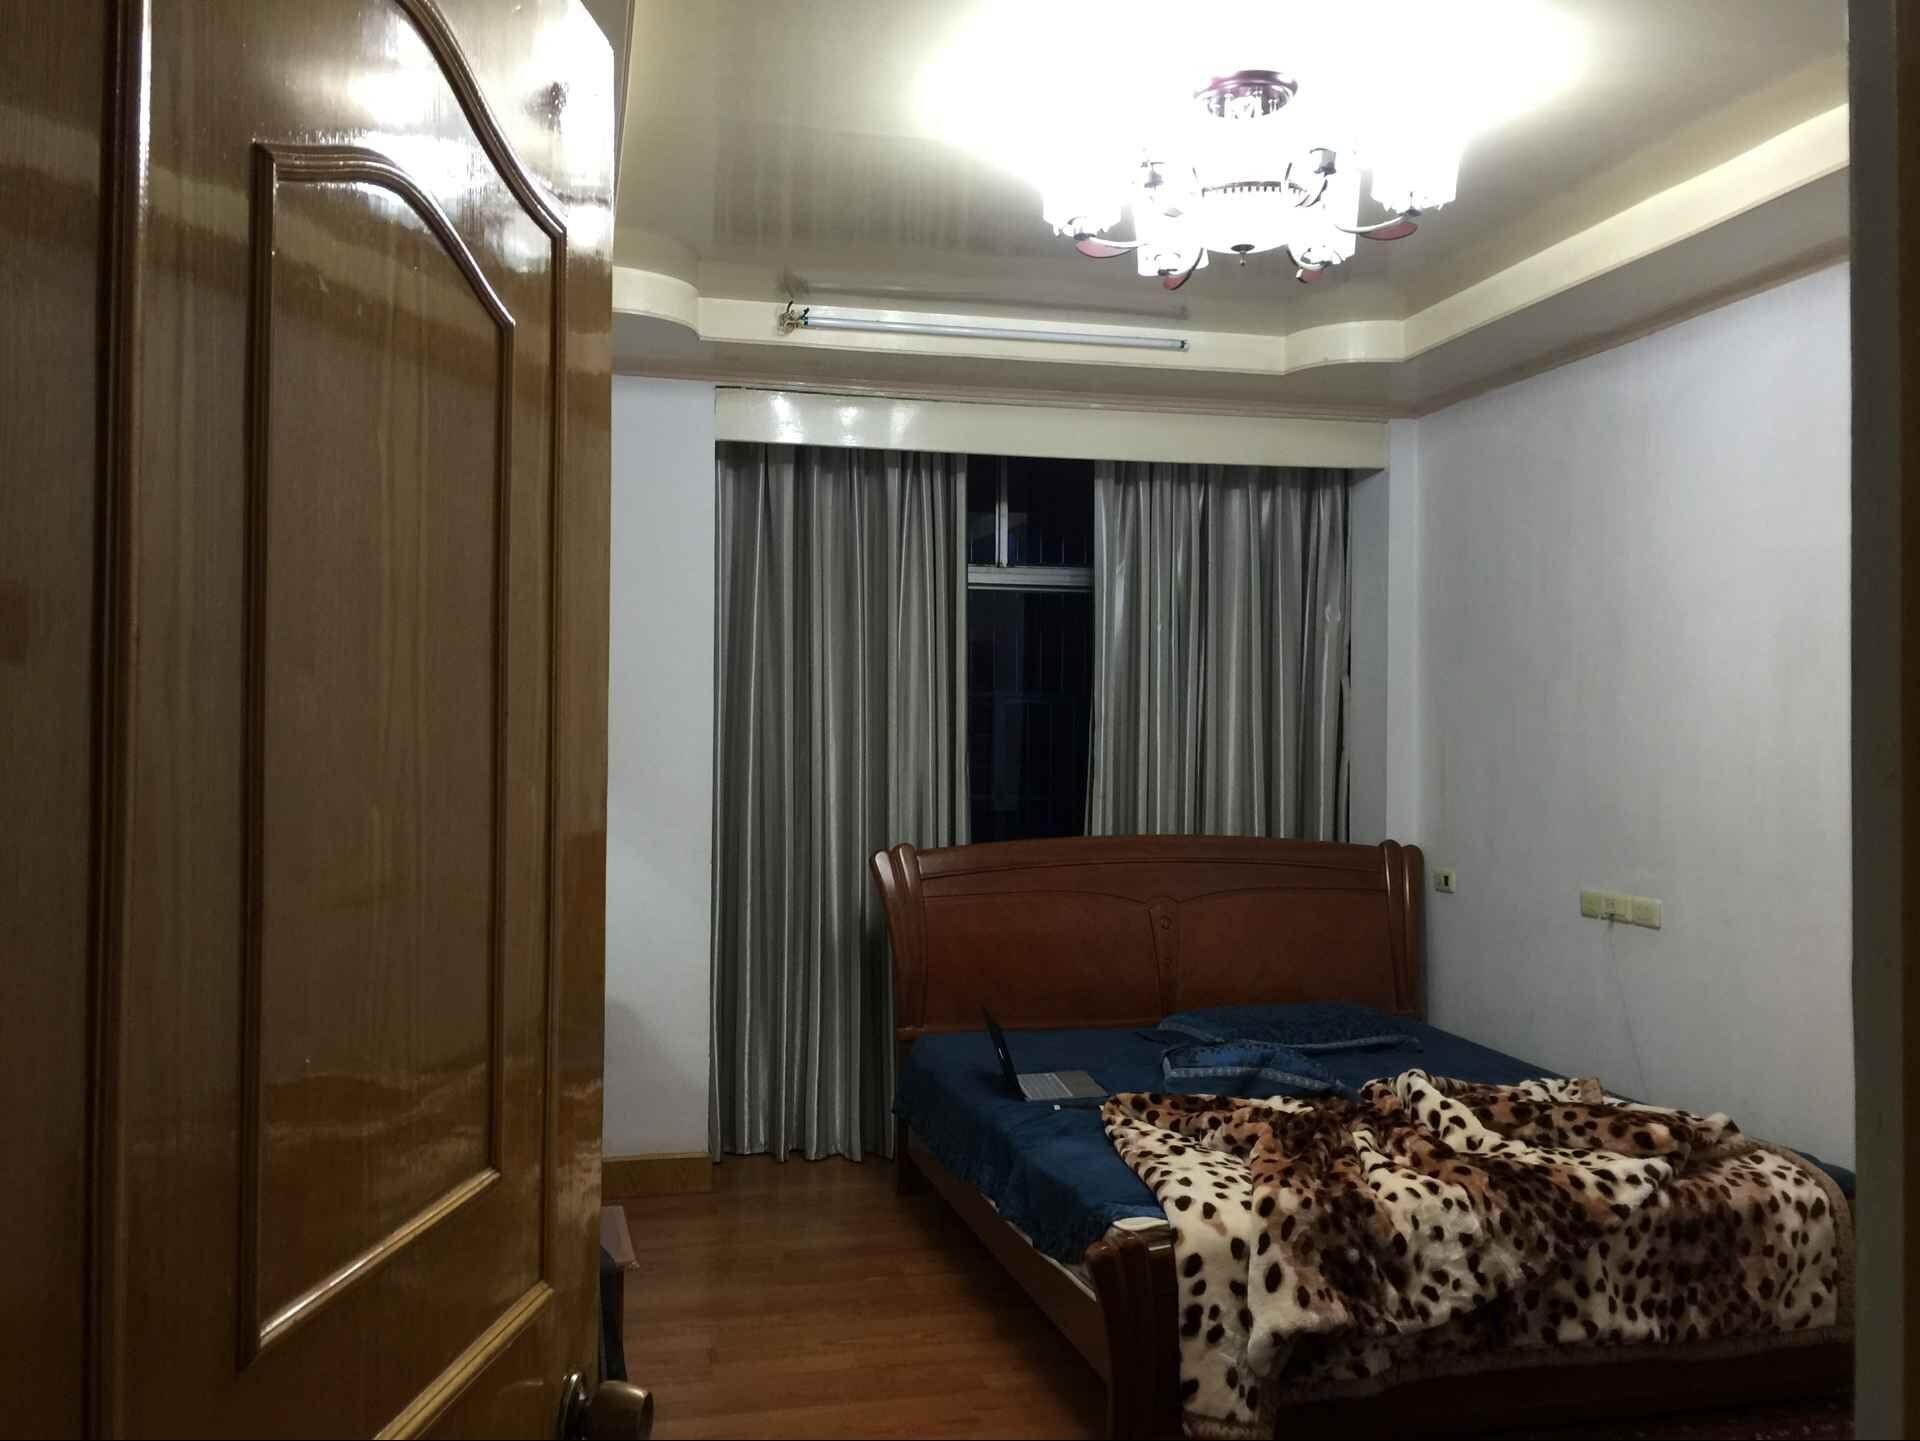 义乌香港城出售 义乌香港城 香港城精装修有照片急卖 房子